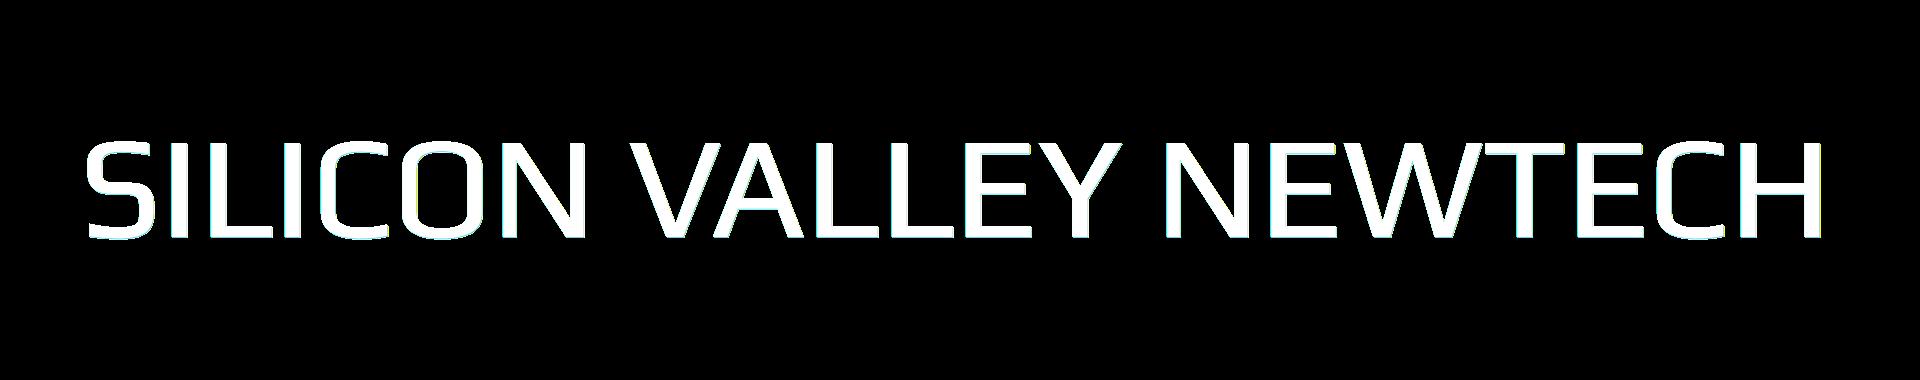 Silicon Valley NewTech